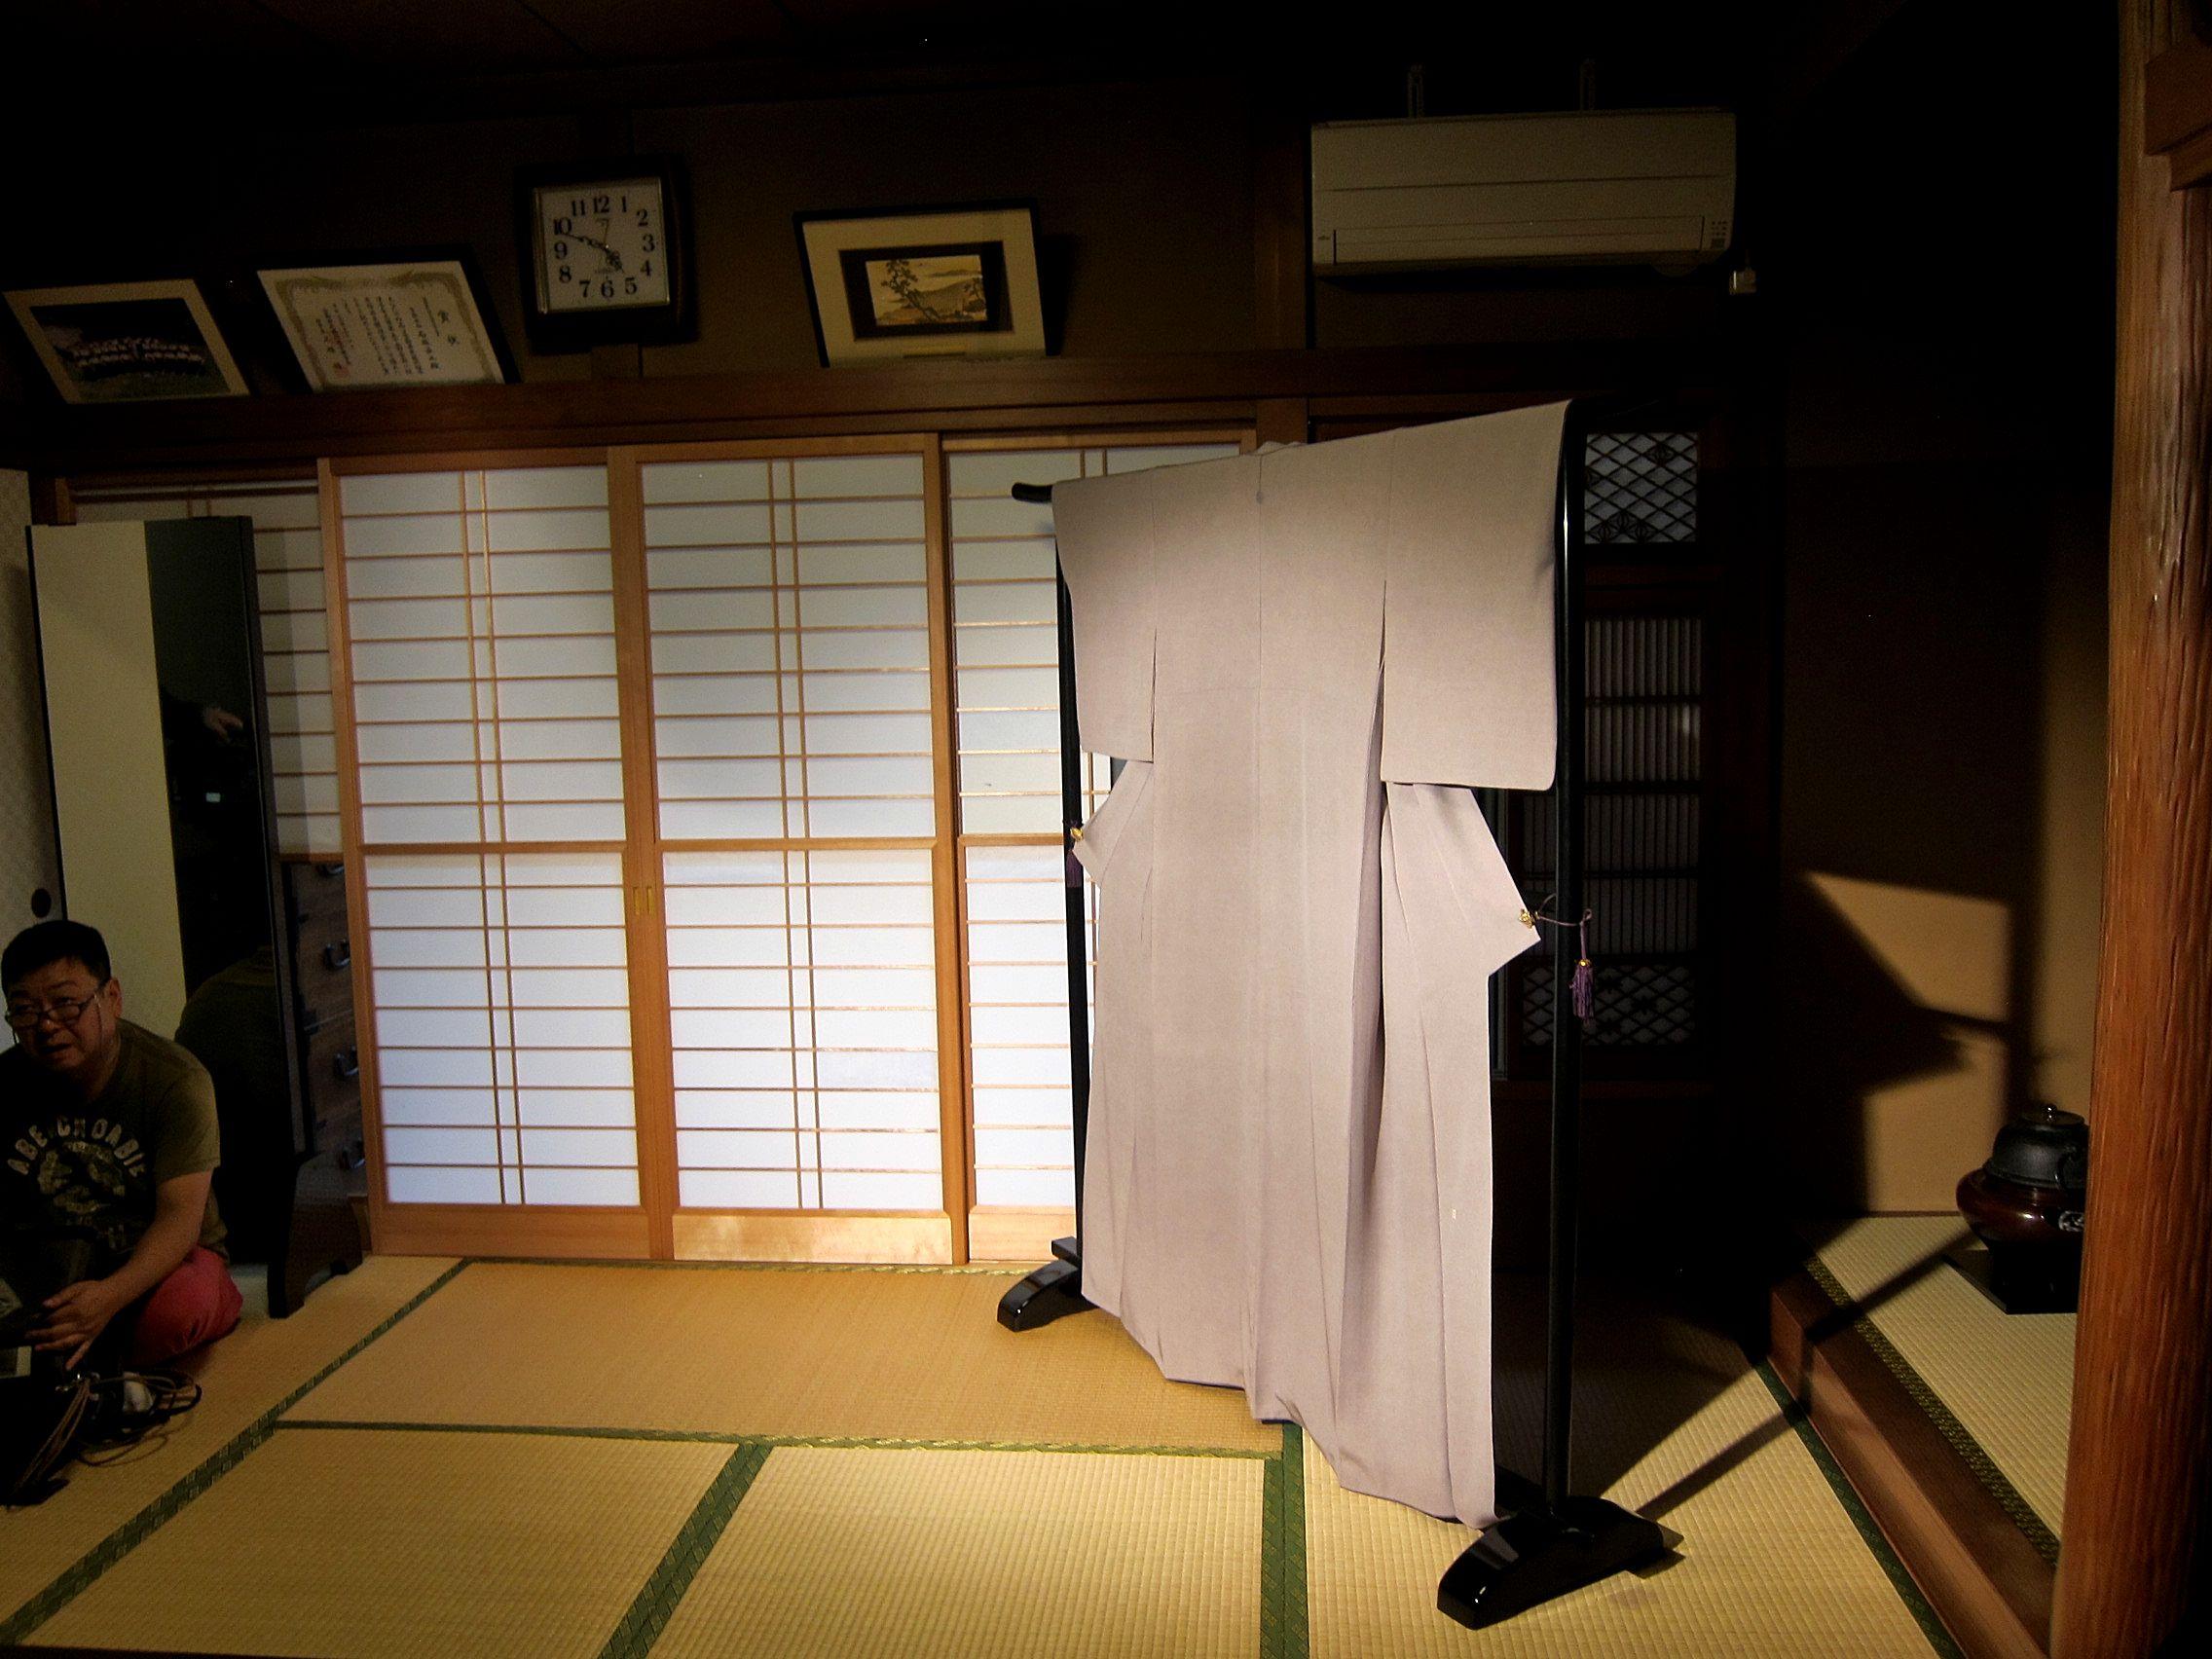 COOL JAPAN 発掘 かっこいいニッポン!の取材_c0246656_17483739.jpg